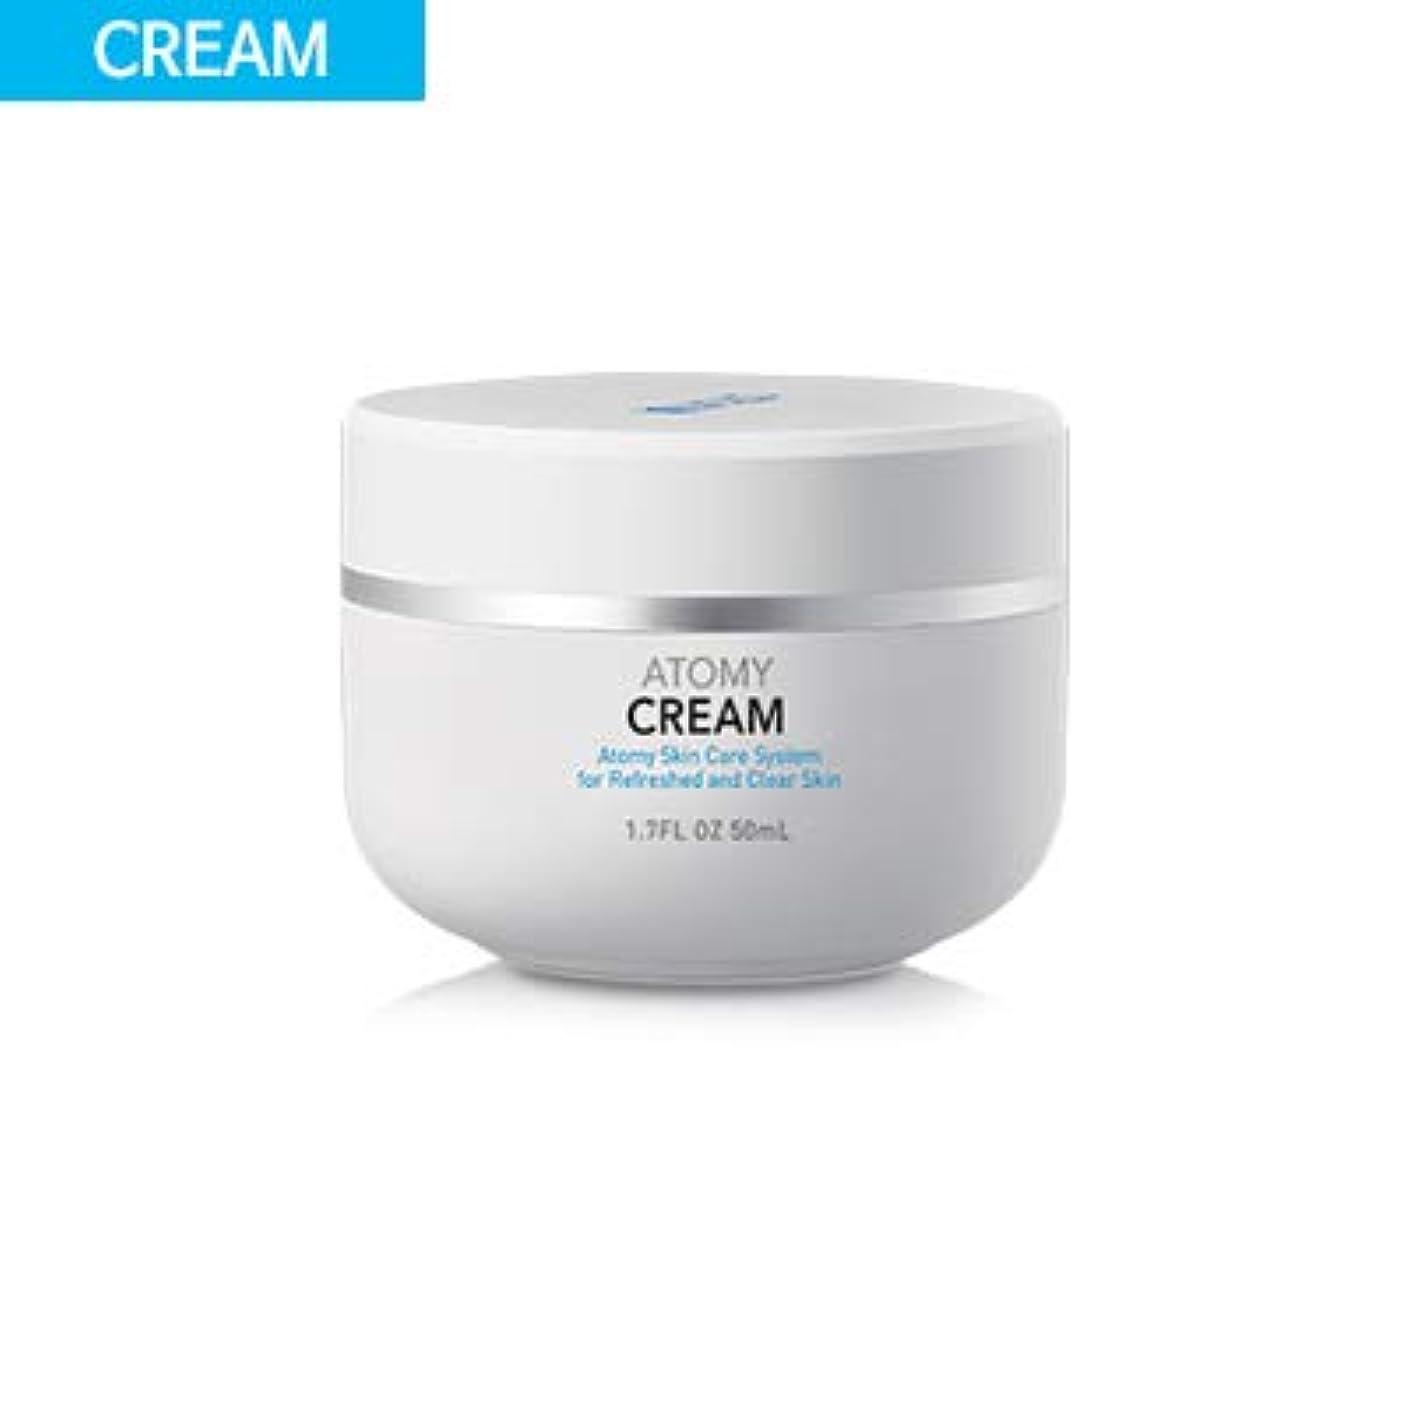 甥スリル間違い[ATOM美] Cream (栄養クリーム) 50ml